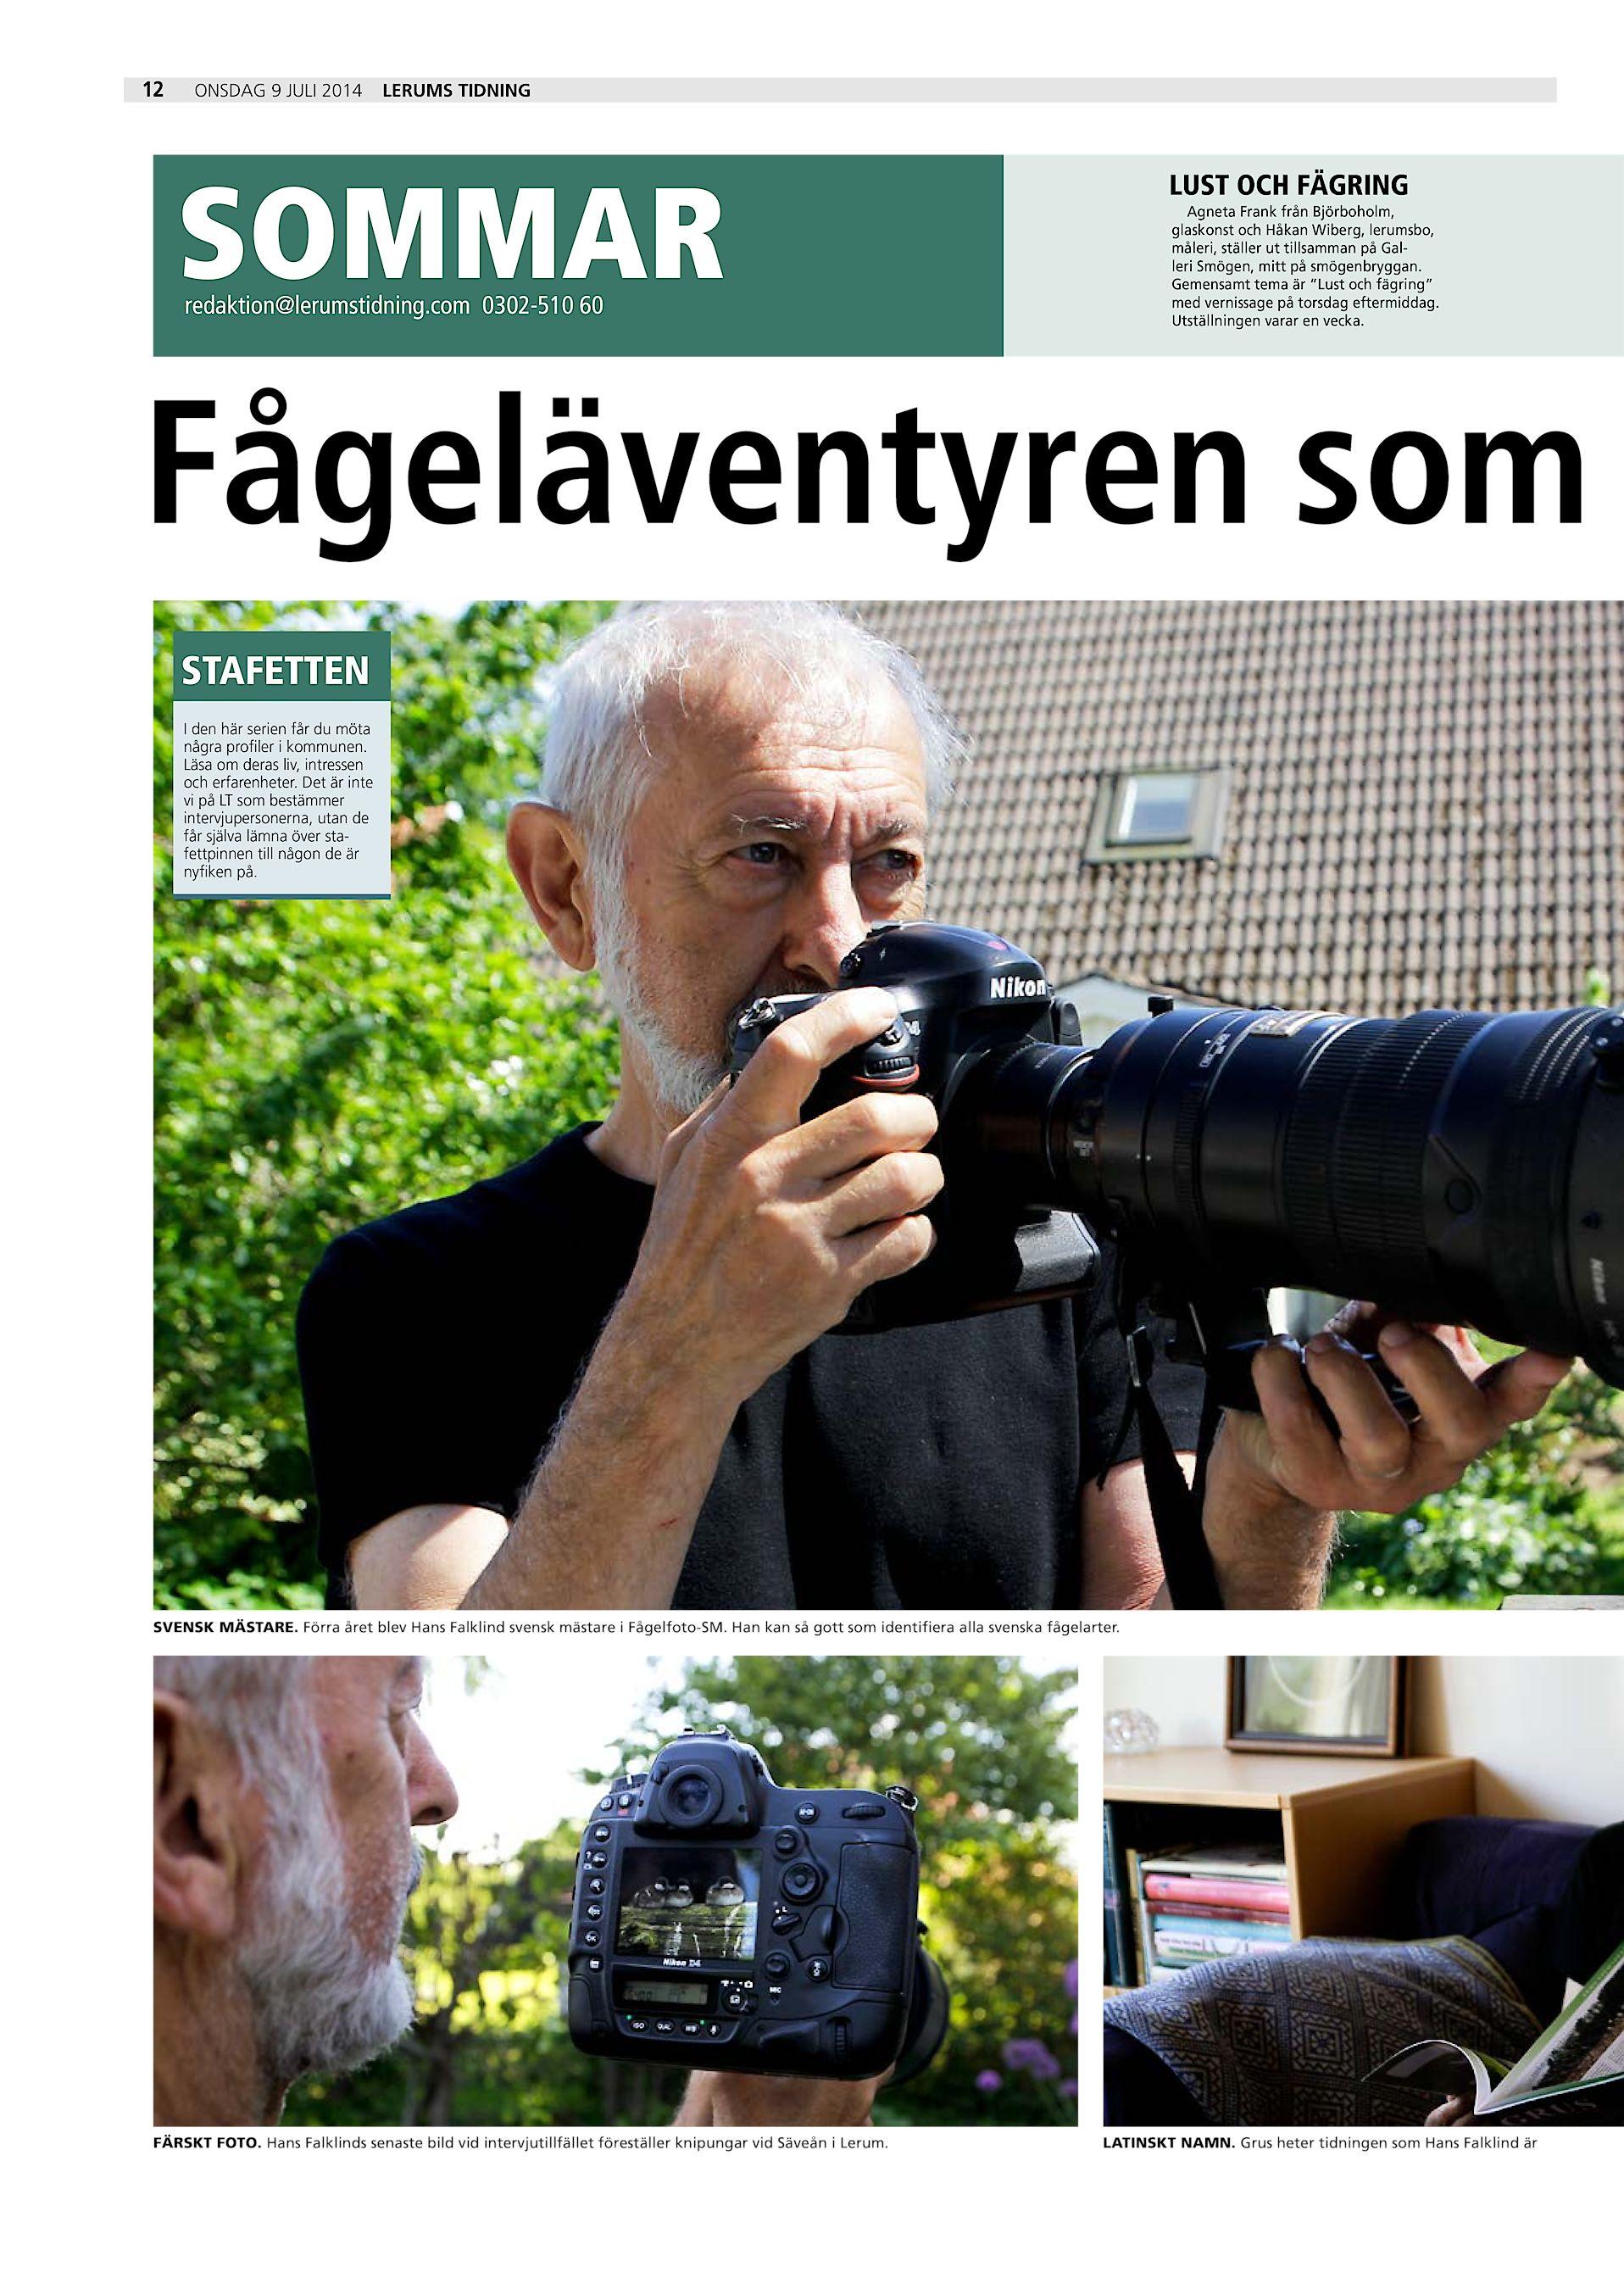 Facebook Marketplace: Gldlampor o spotar - Bjrboholm - Facebook